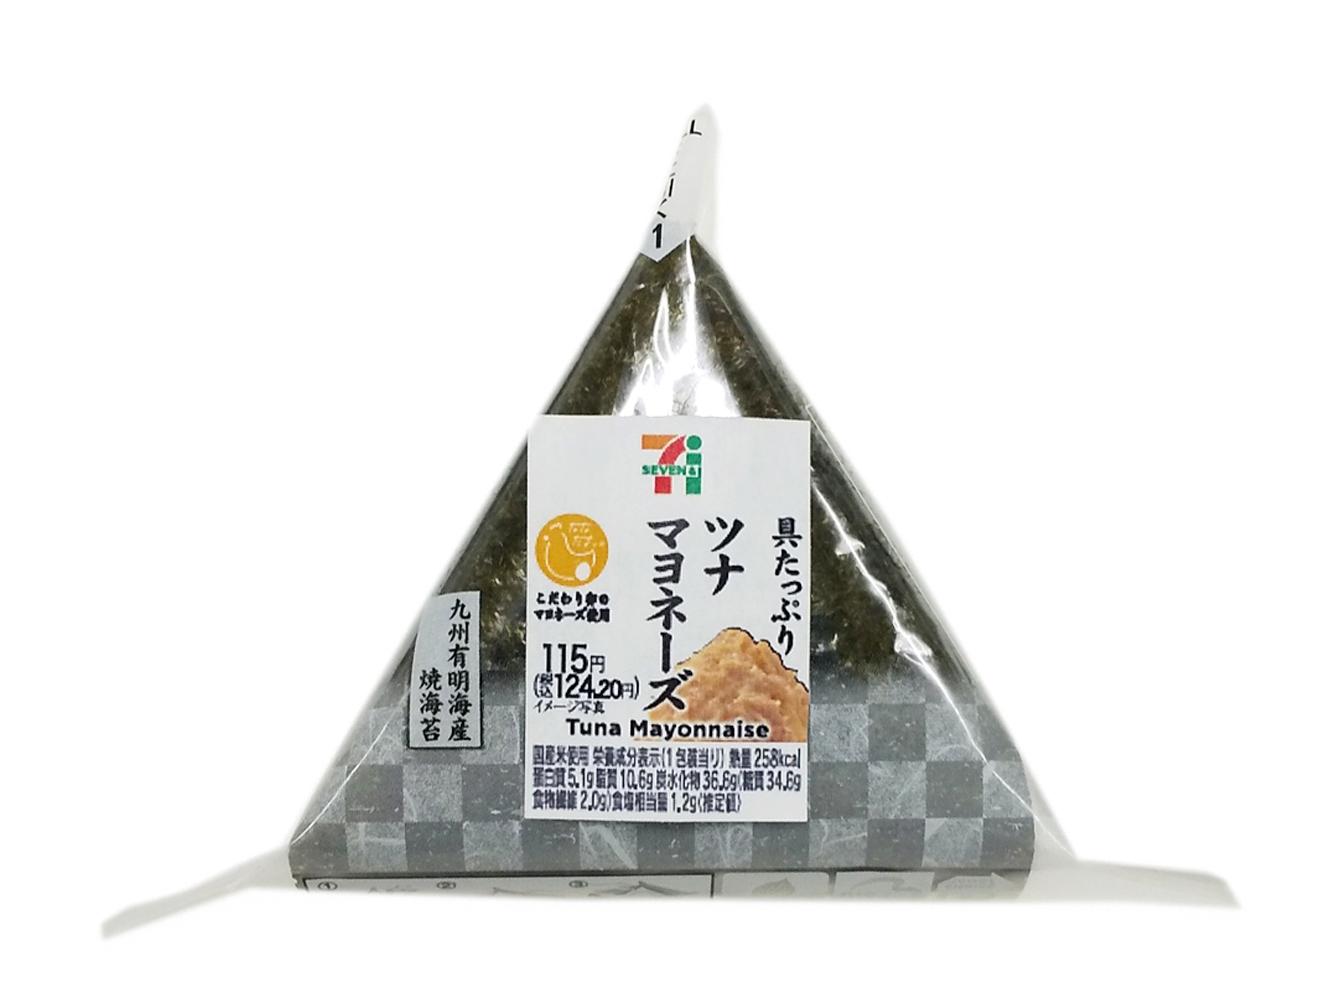 セブンイレブン / 具たっぷり手巻 ツナマヨネーズ